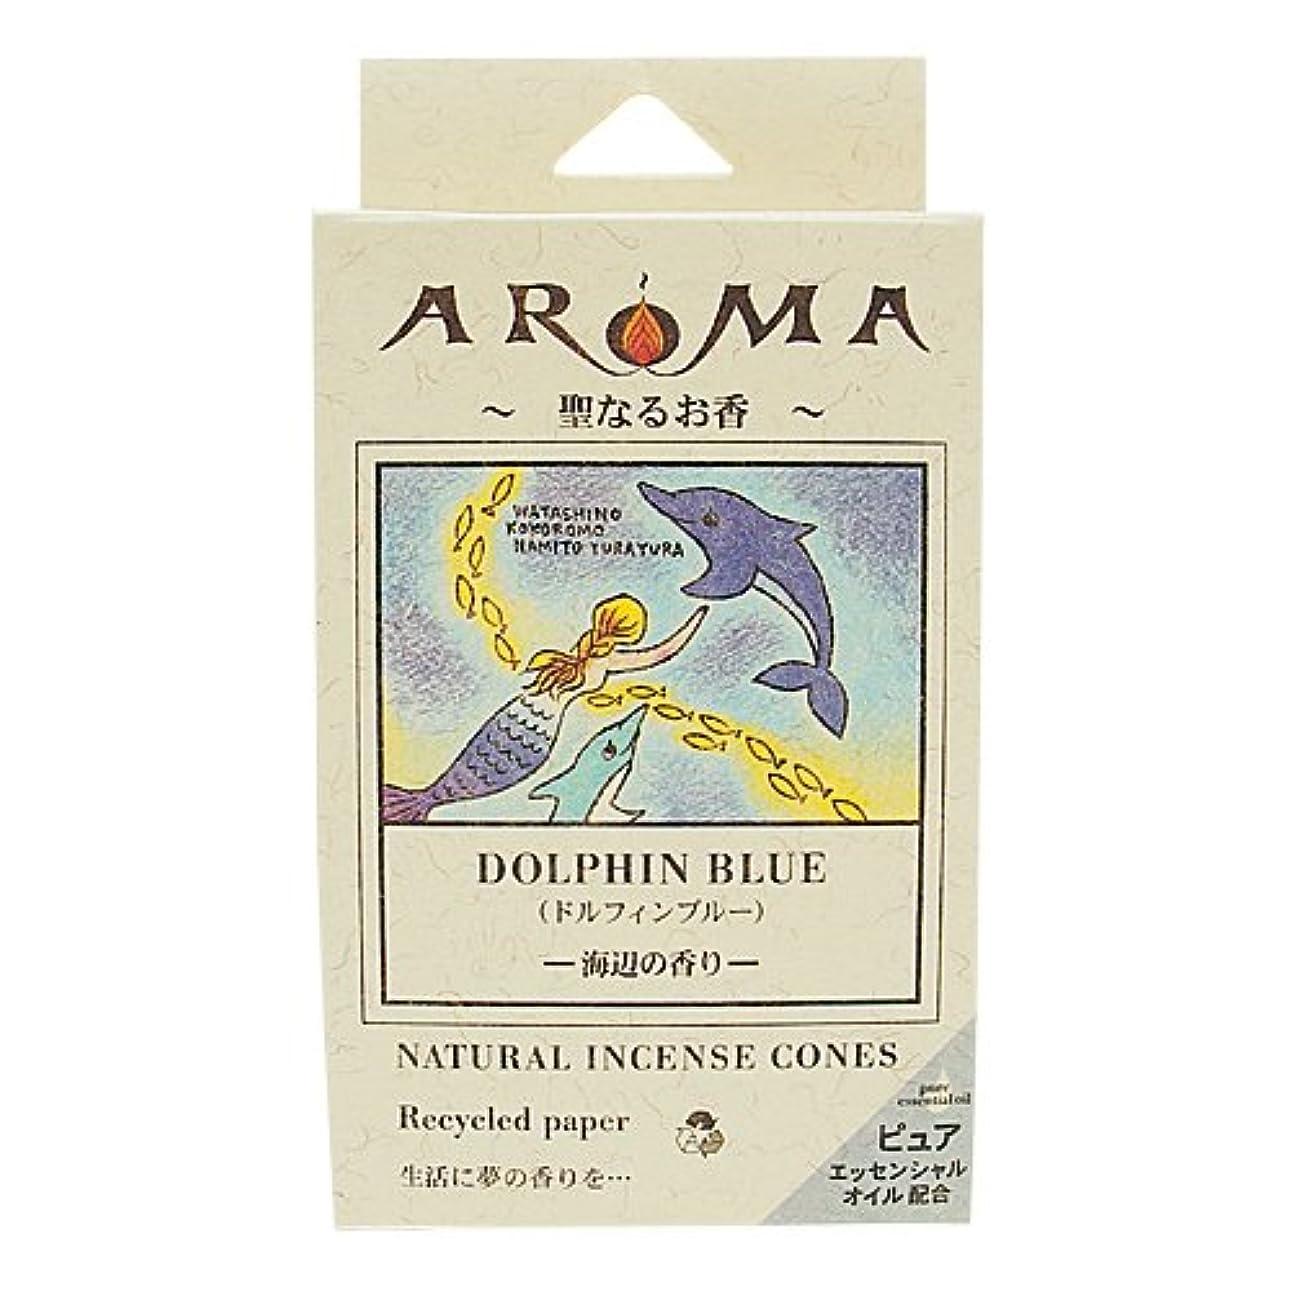 理論外交問題詳細なアロマ香 ドルフィンブルー 16粒(コーンタイプインセンス 1粒の燃焼時間約20分 海辺の香り)